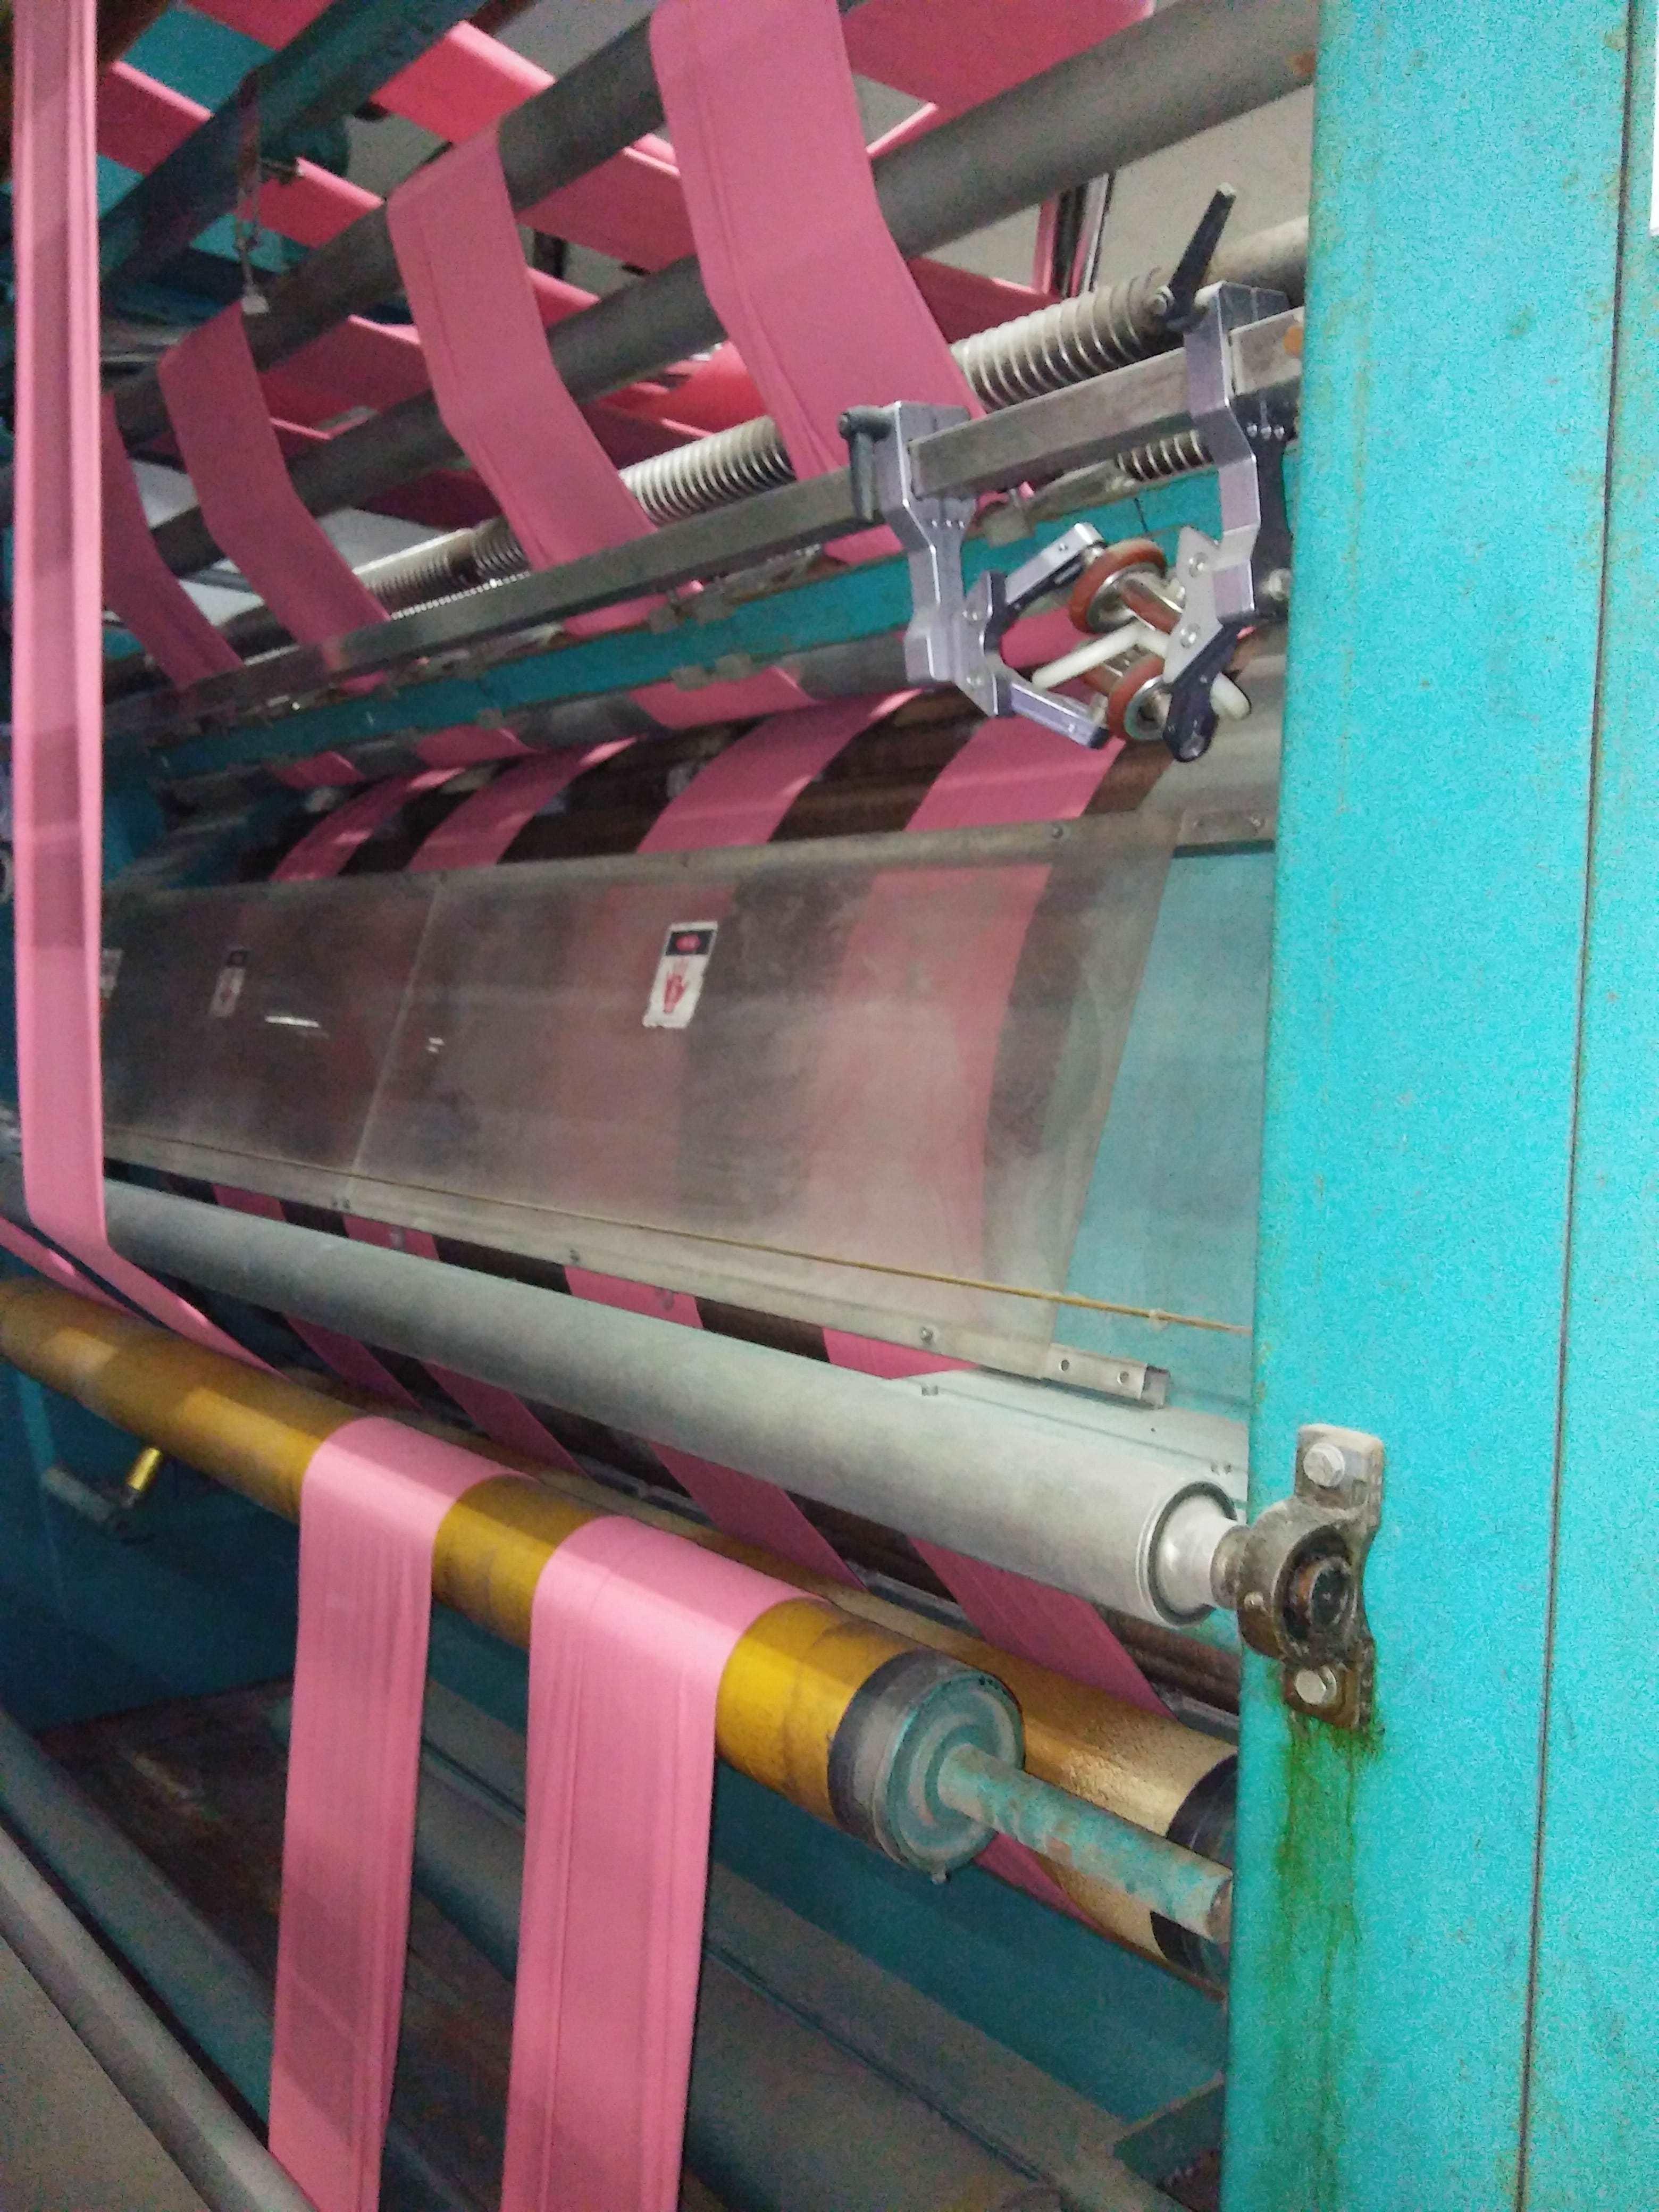 LAMPERTI RAISING MACHINE